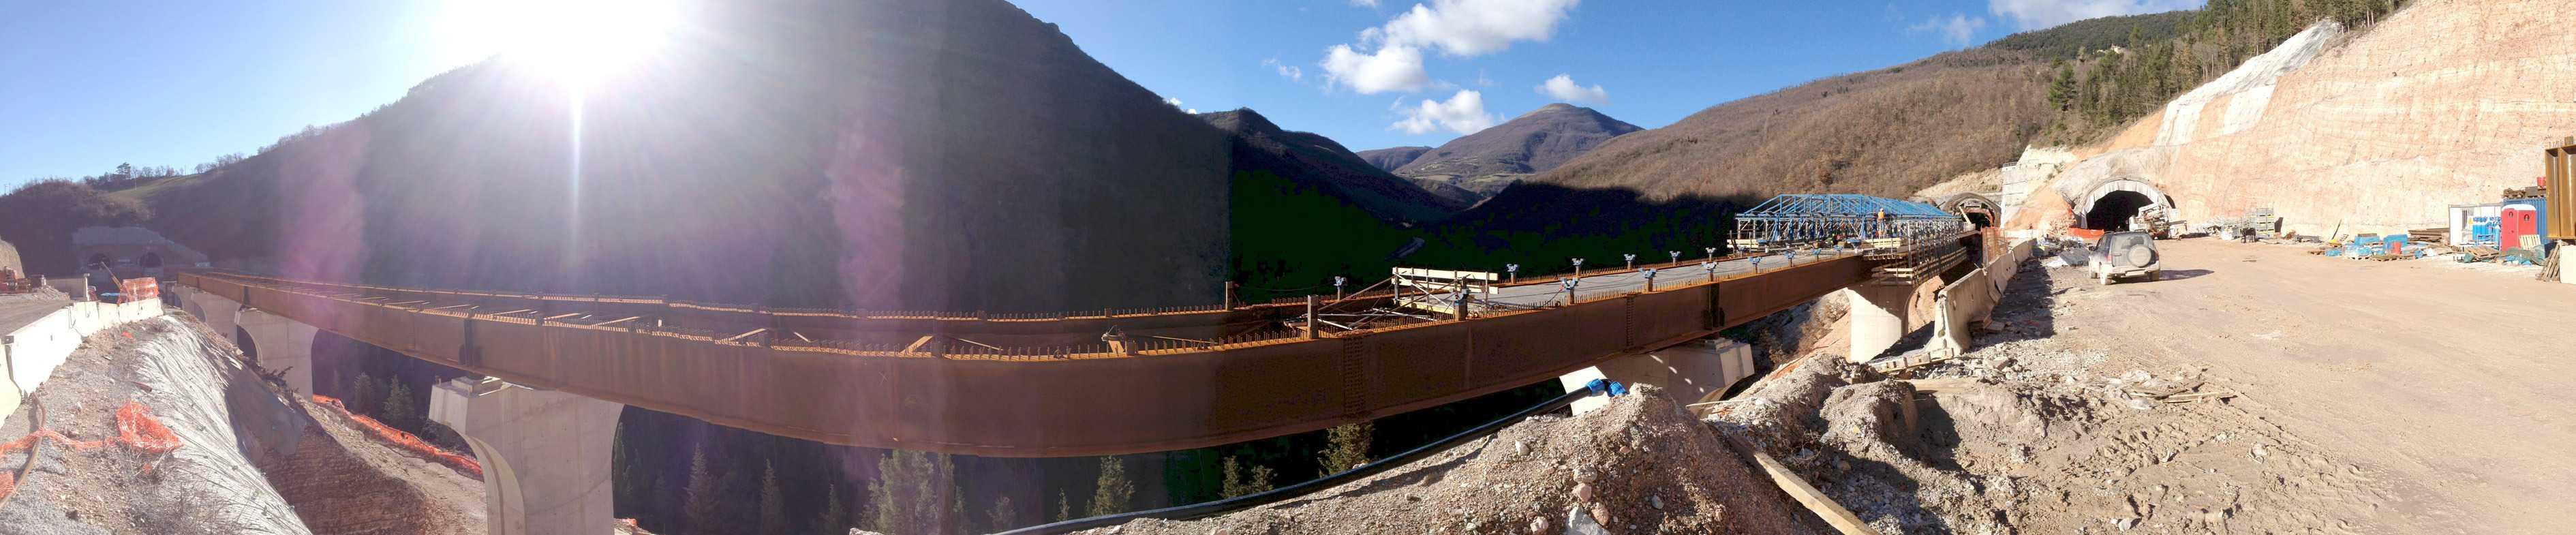 All'interno del sublotto 1.2, nel secondo tratto compreso tra i comuni di Serravalle di Chienti e Muccia,tra le gallerie naturali Muccia e Costafiore la valle, solcata dal fiume Chienti, viene attraversata dal viadotto Chienti 2